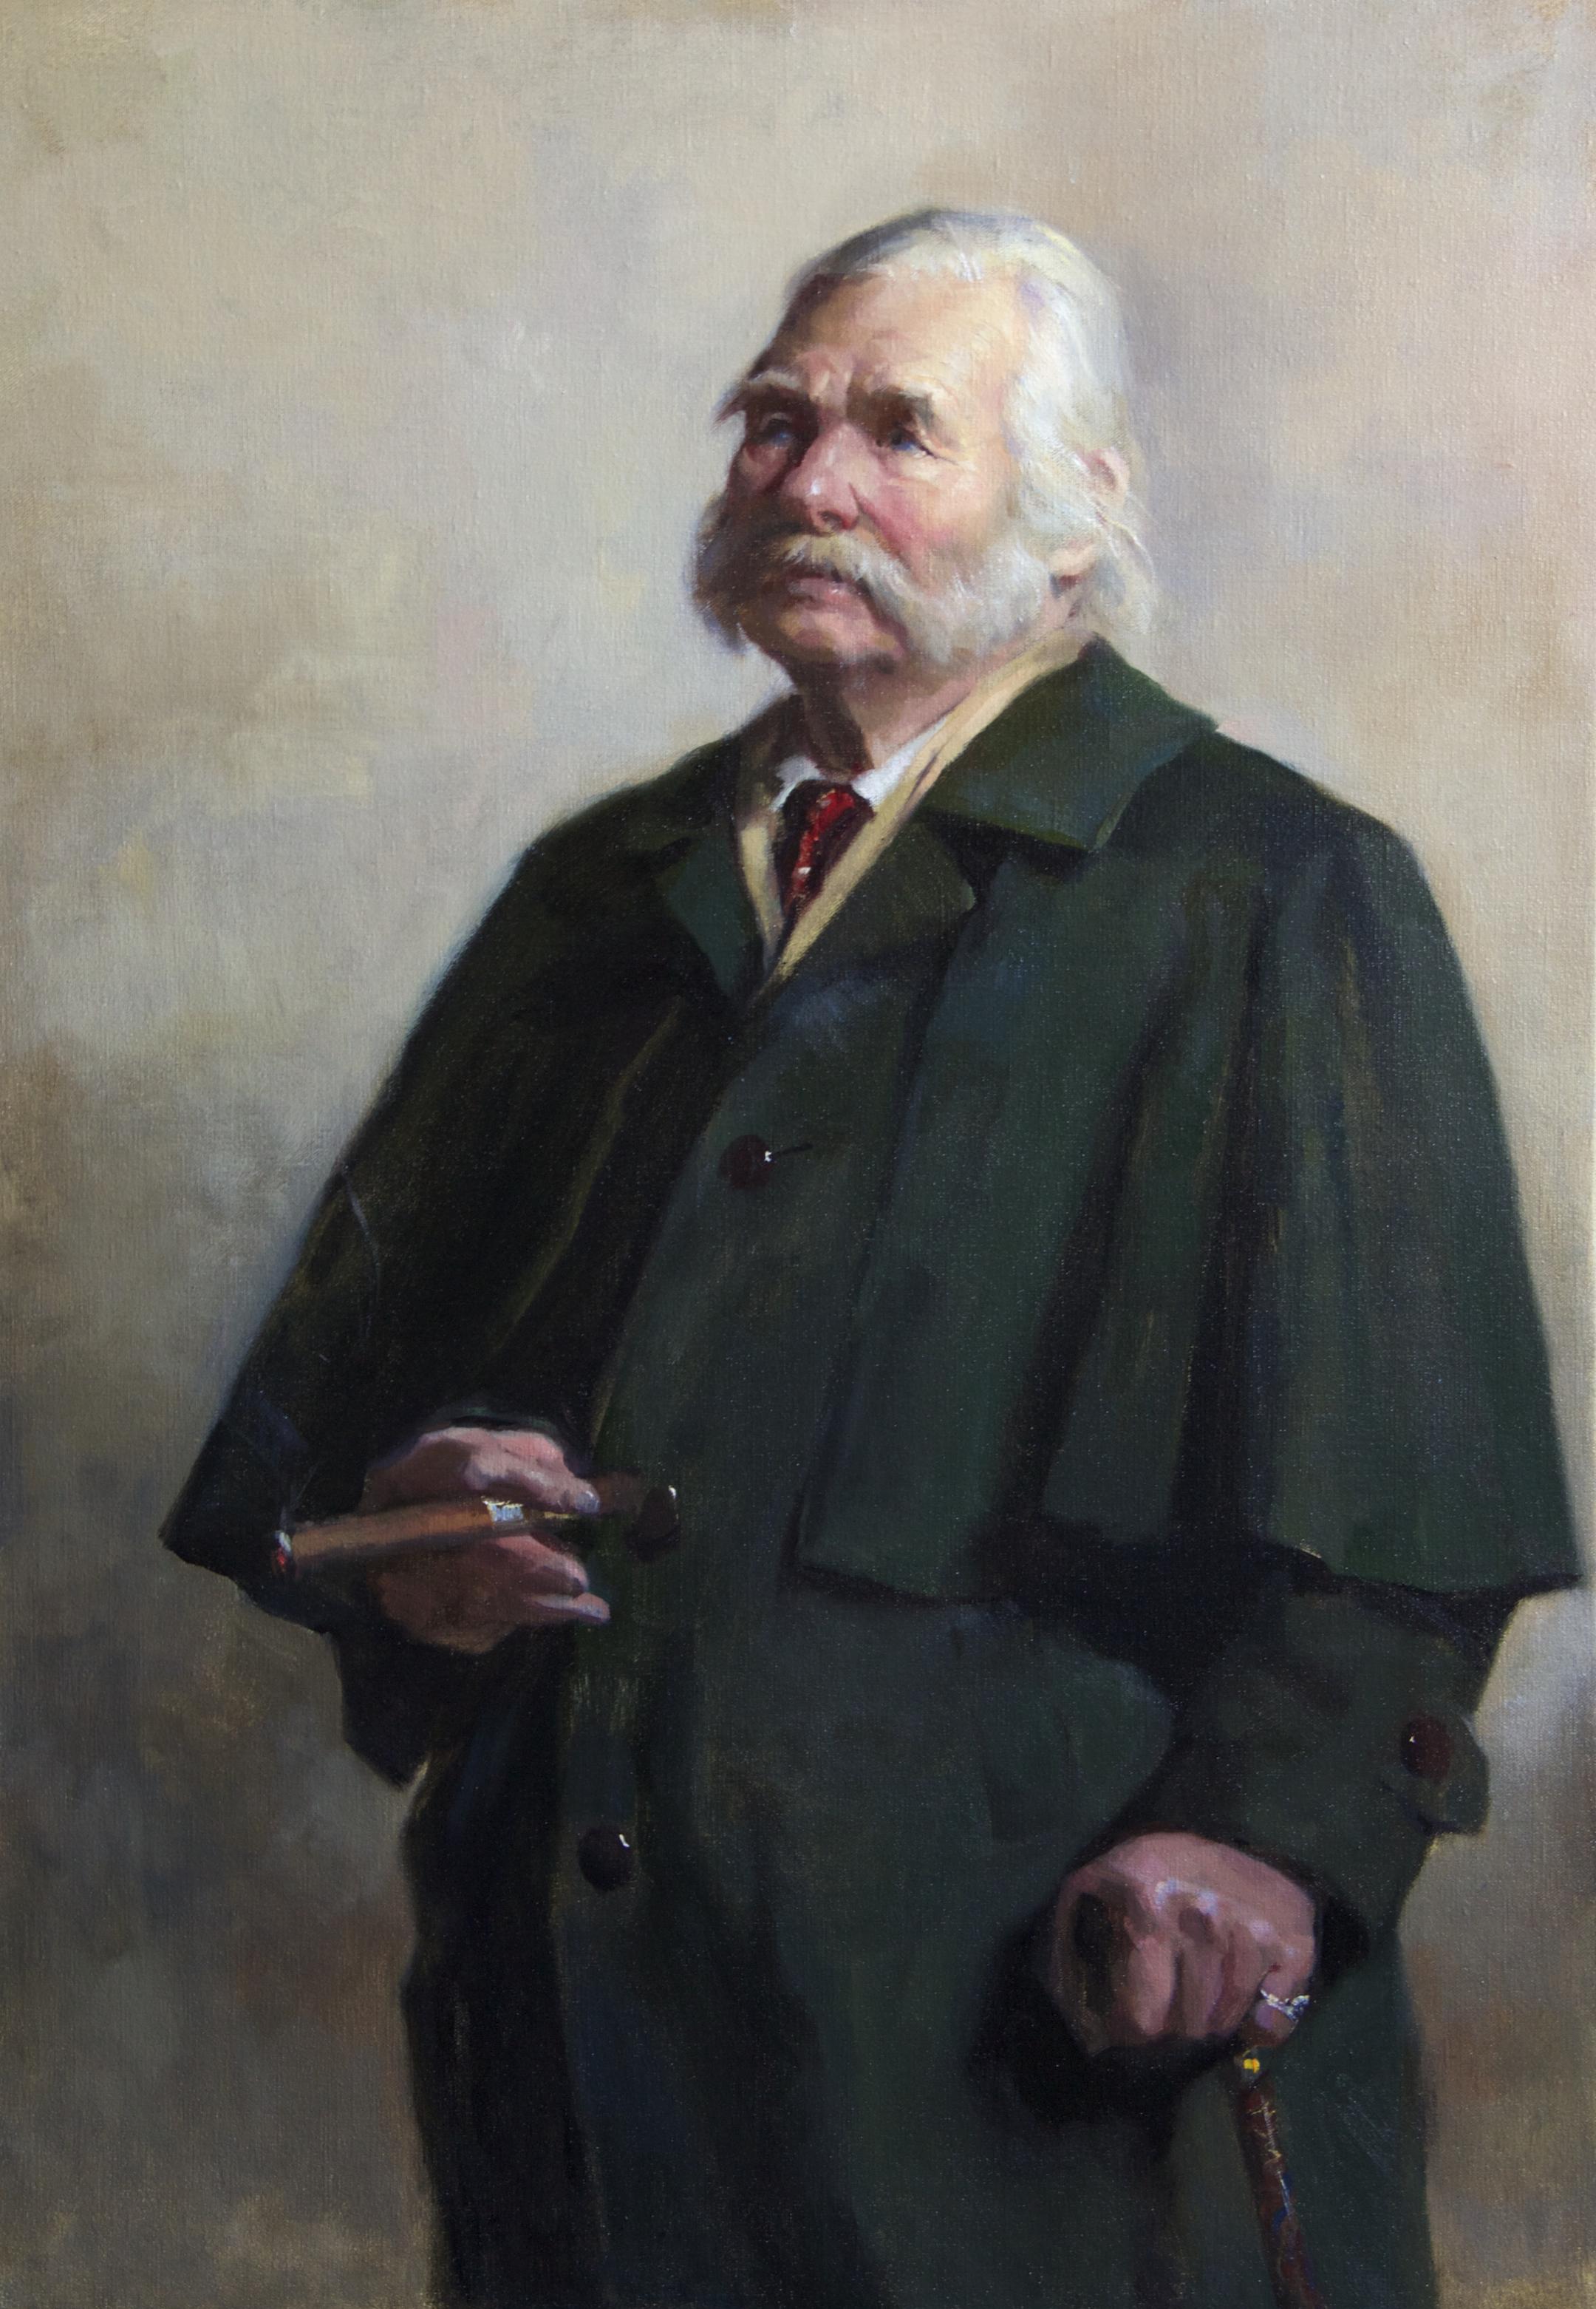 'Viktor's Green Coat' 110 cm x 80 cm  Oil on linen